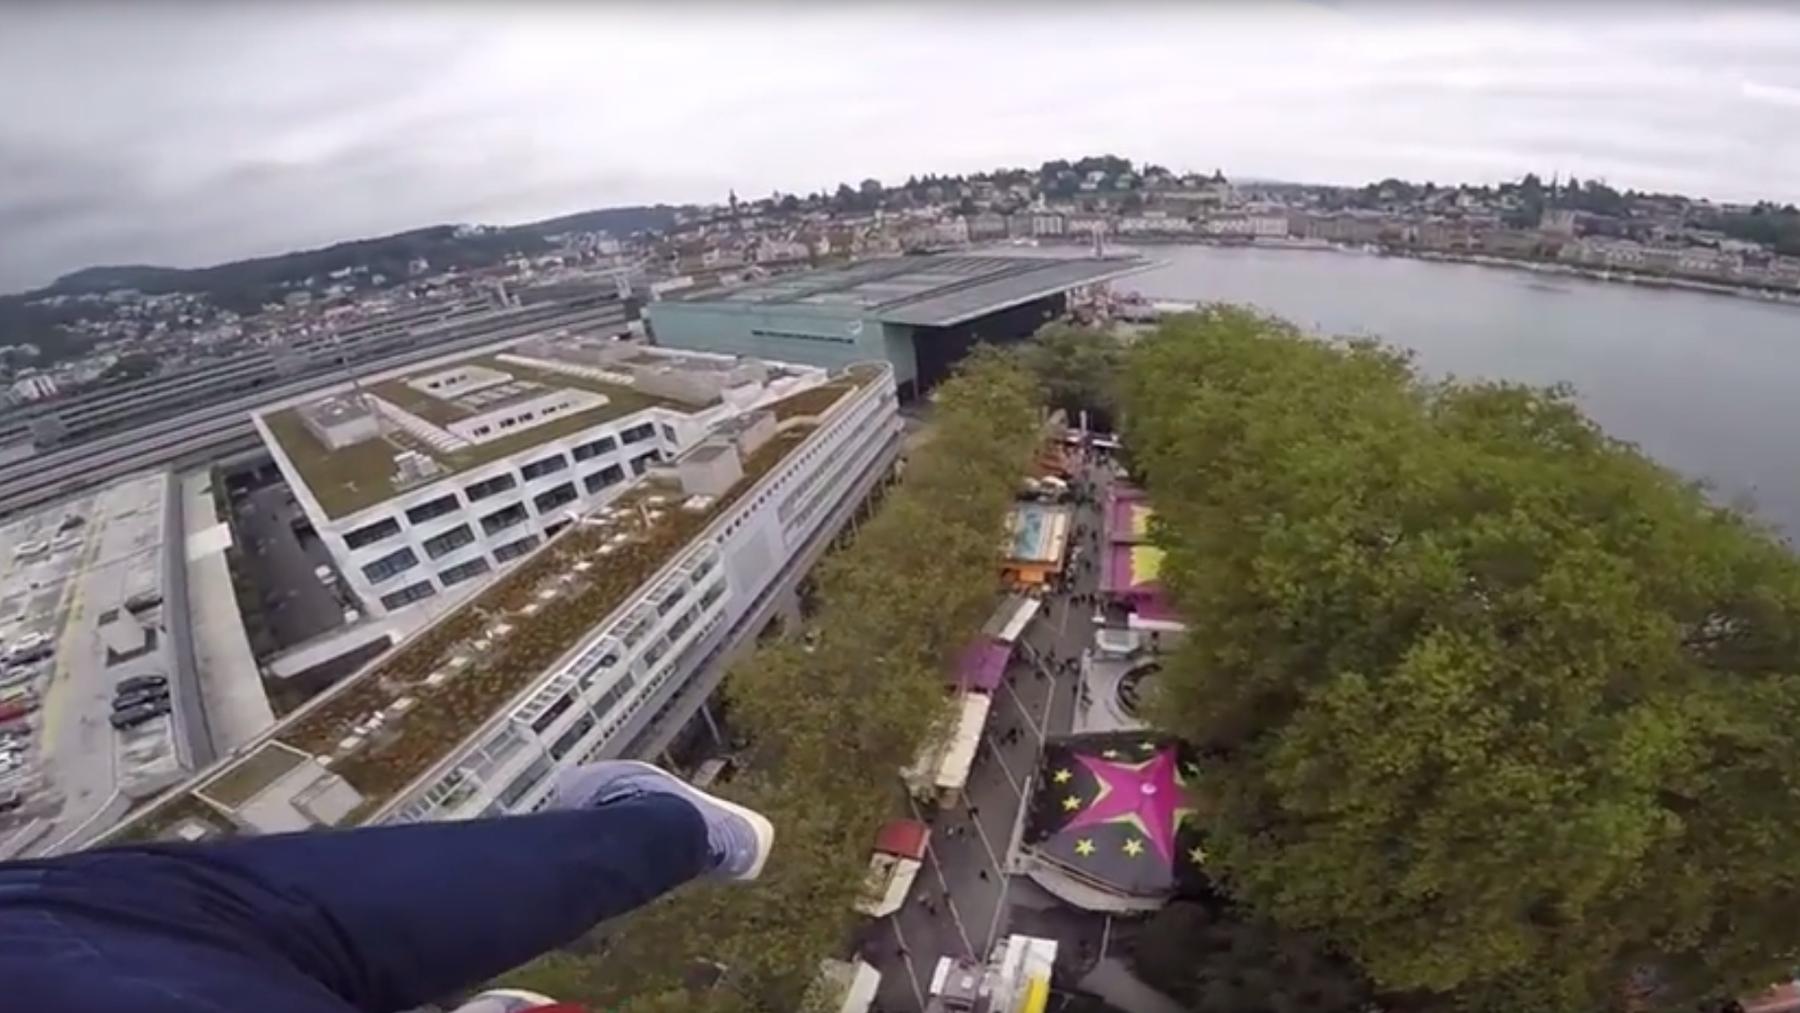 Määs-Video: So erlebt man Luzern von oben